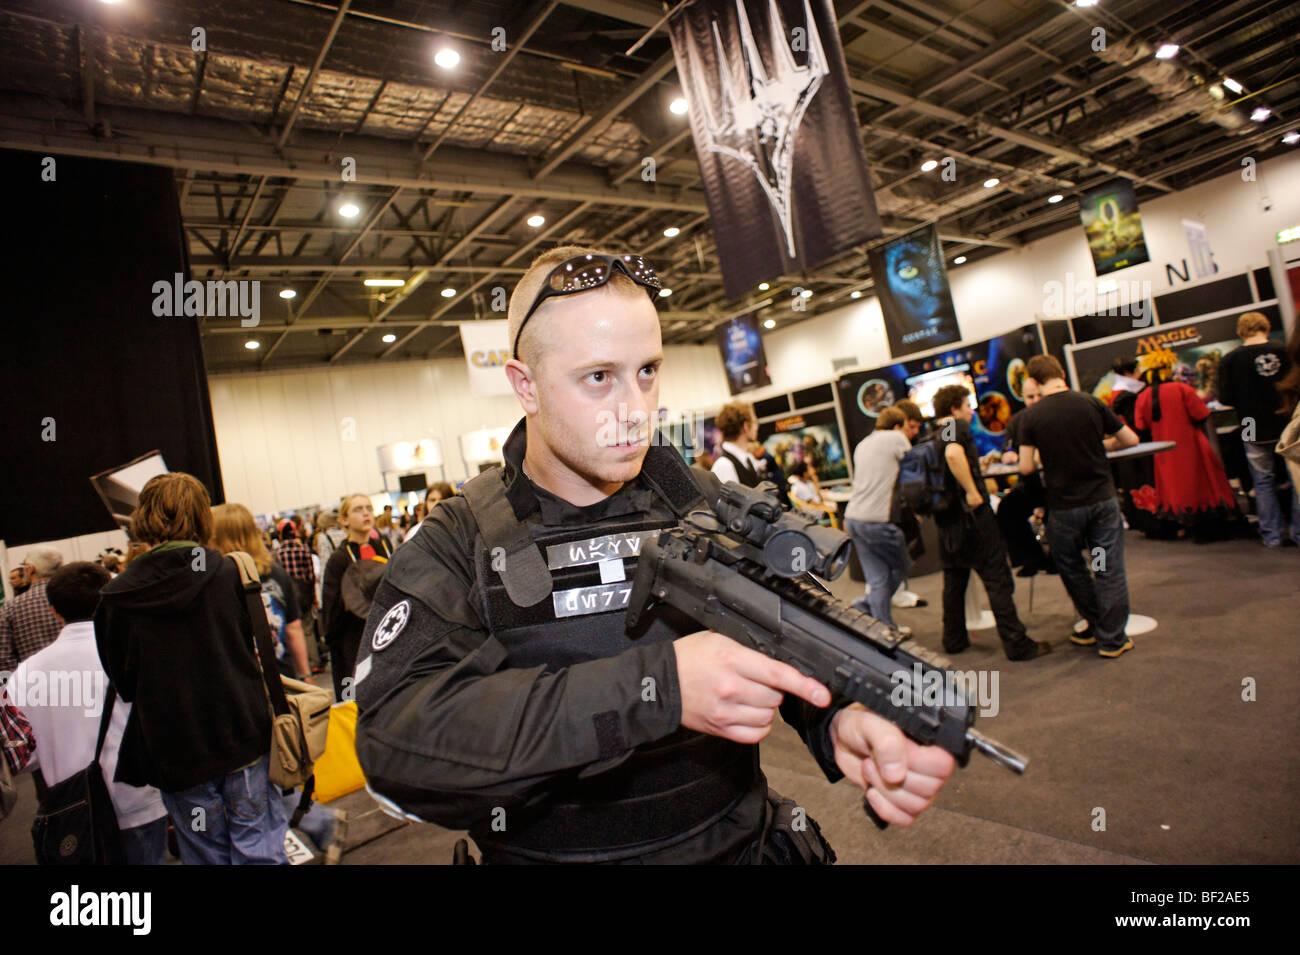 Ventilateur avec faux gun habillé en costume à la patrouille de caractères London MCM expo. Excel. Photo Stock